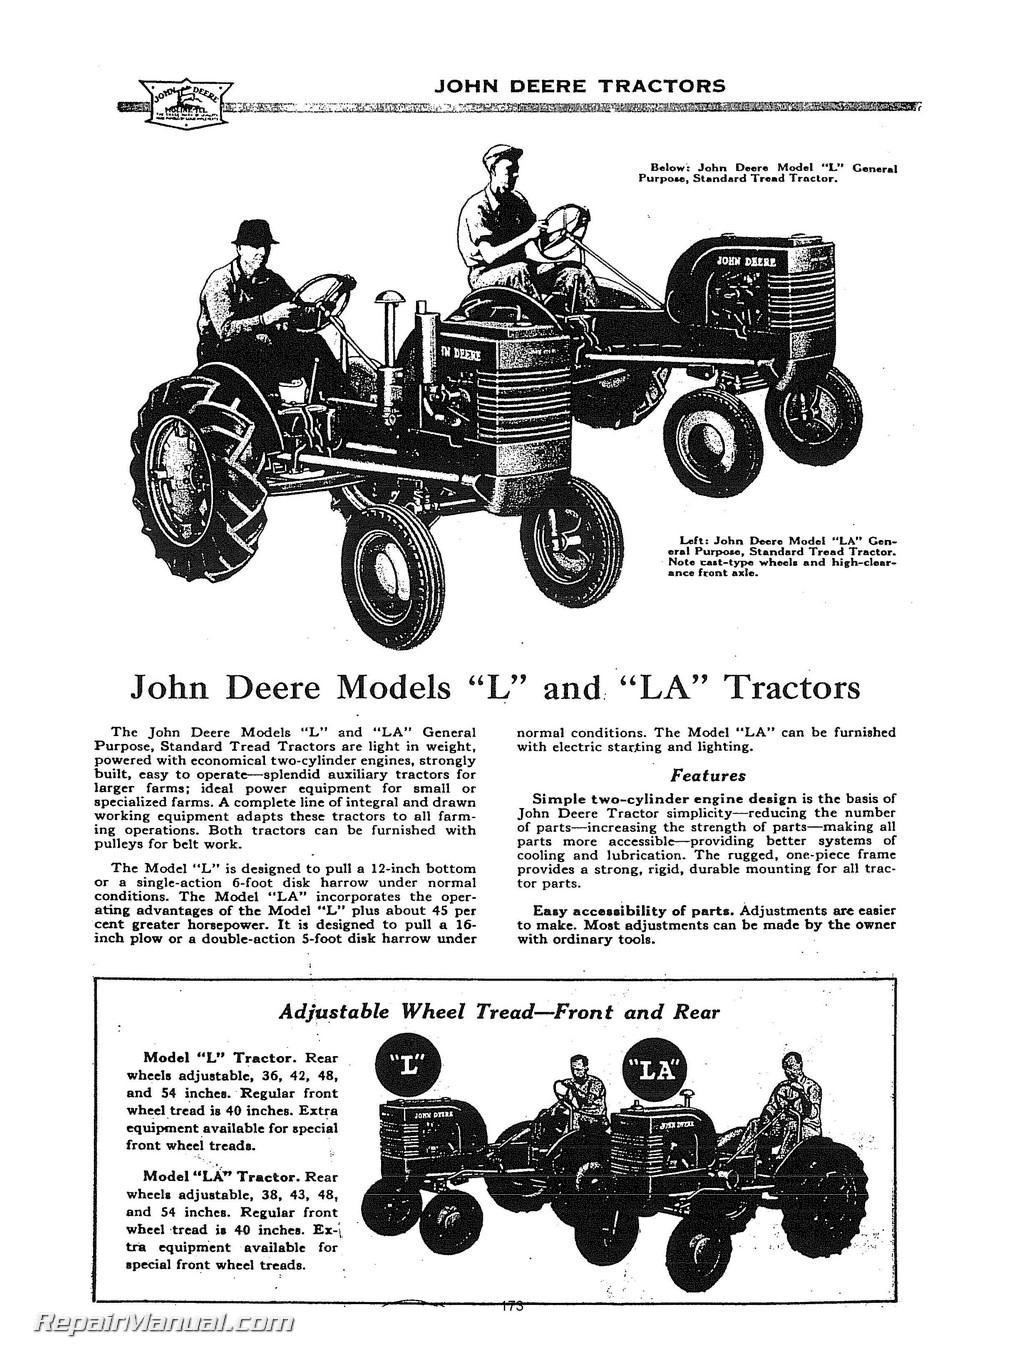 John Deere Tractor Service Manuals : John deere l la li y tractor service manual